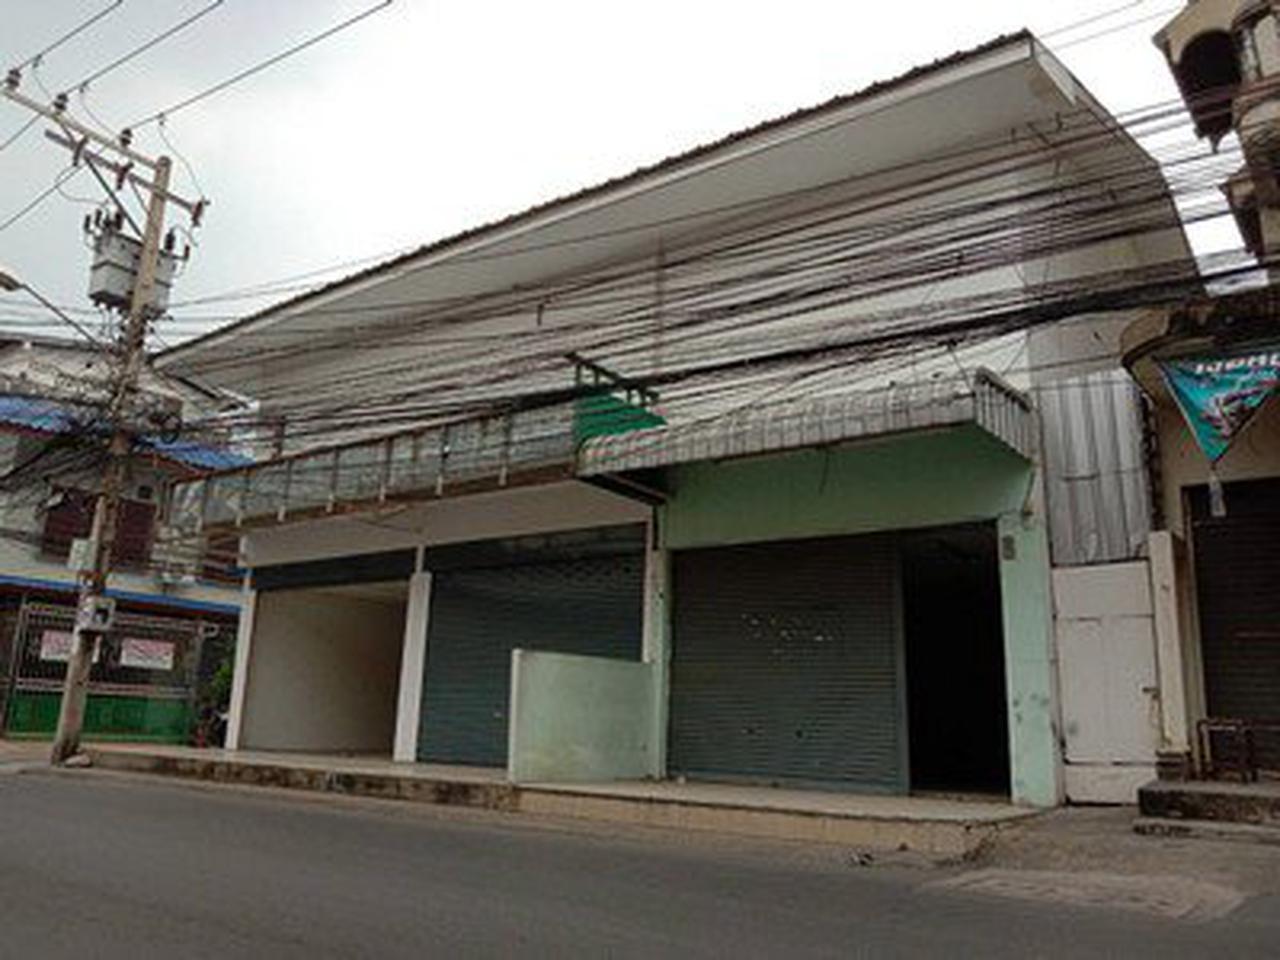 ให้เช่าอาคารพาณิชย์ 4 คูหา  2 ชั้น ถนนพหลโยธิน54/1 รูปที่ 5